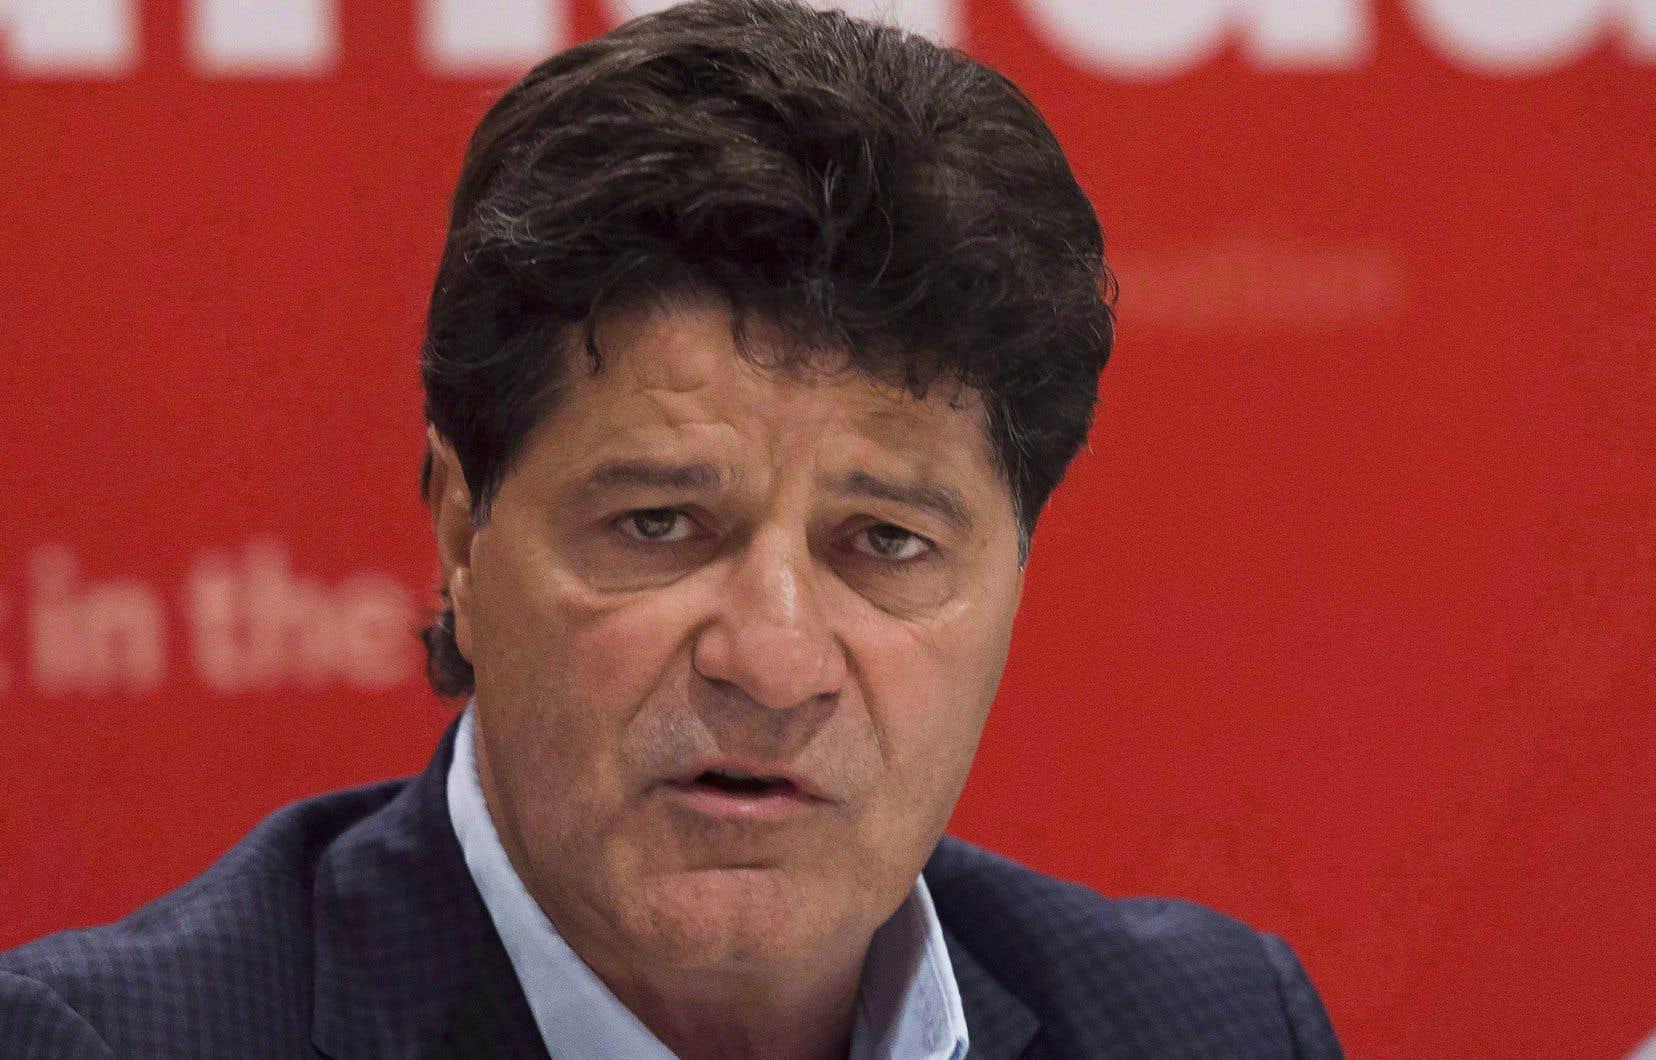 «On ne peut pas compter sur un tribunal de pacotille aux États-Unis pour trancher en faveur de Bombardier», a lancé le président national d'Unifor, Jerry Dias.